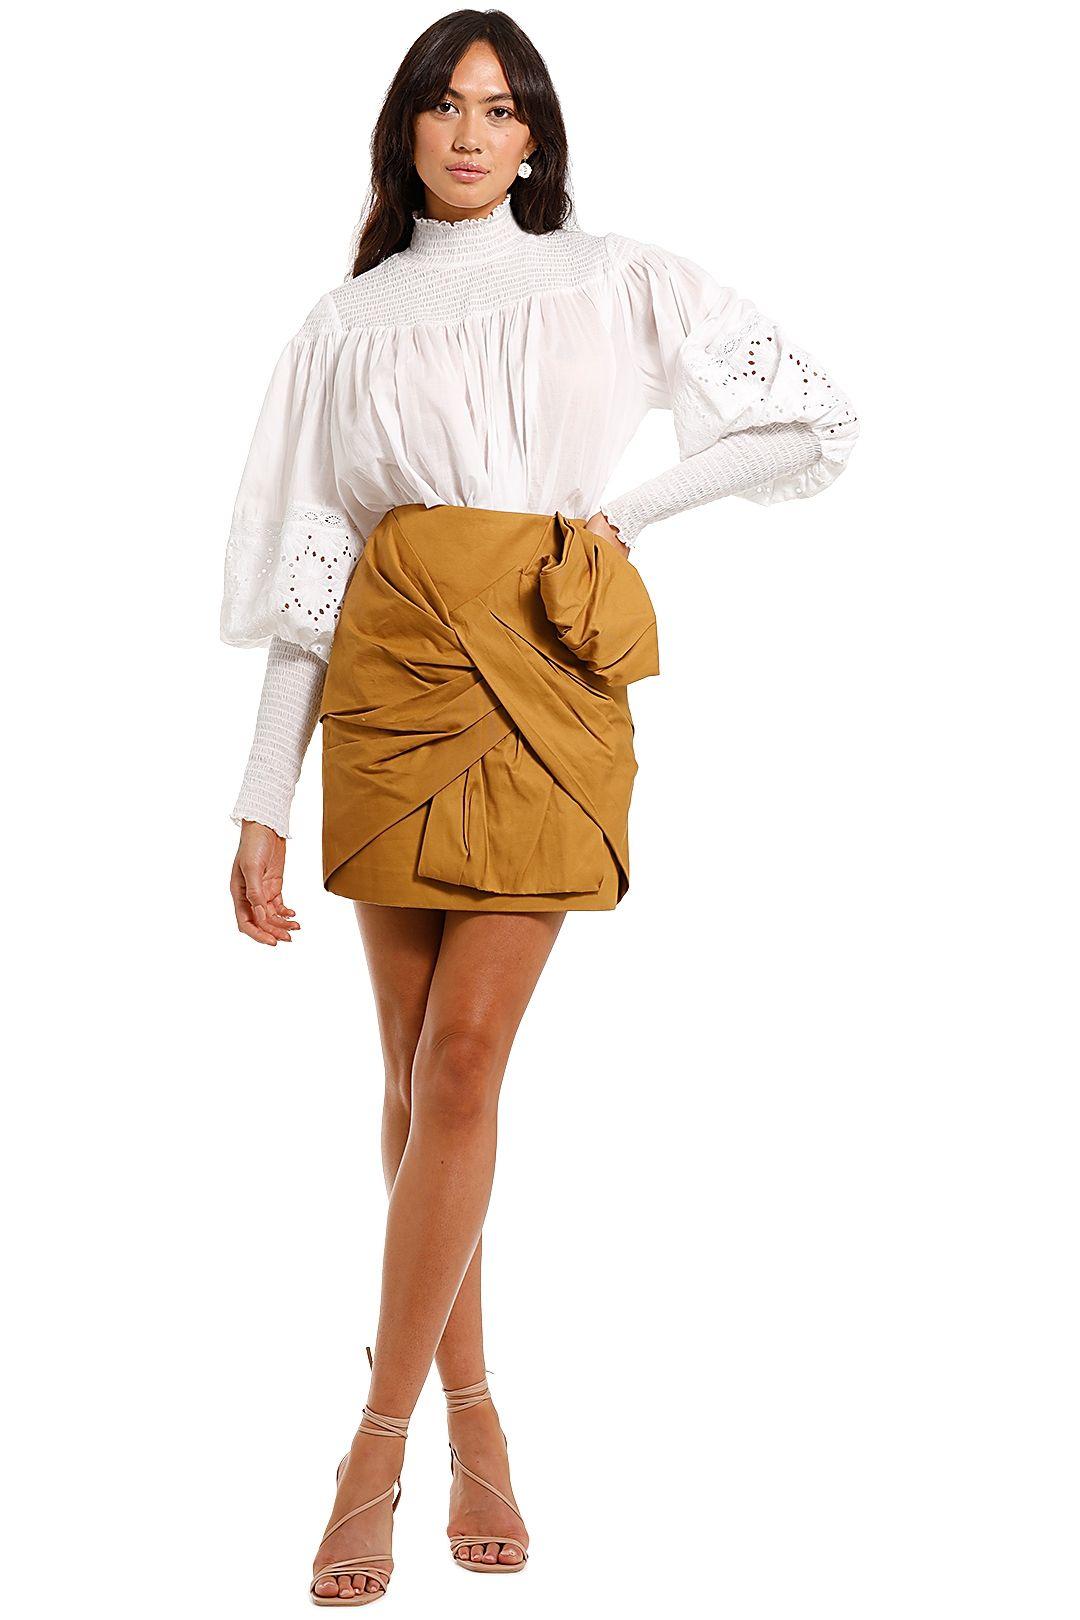 Joslin Lucianna Linen Cotton Top